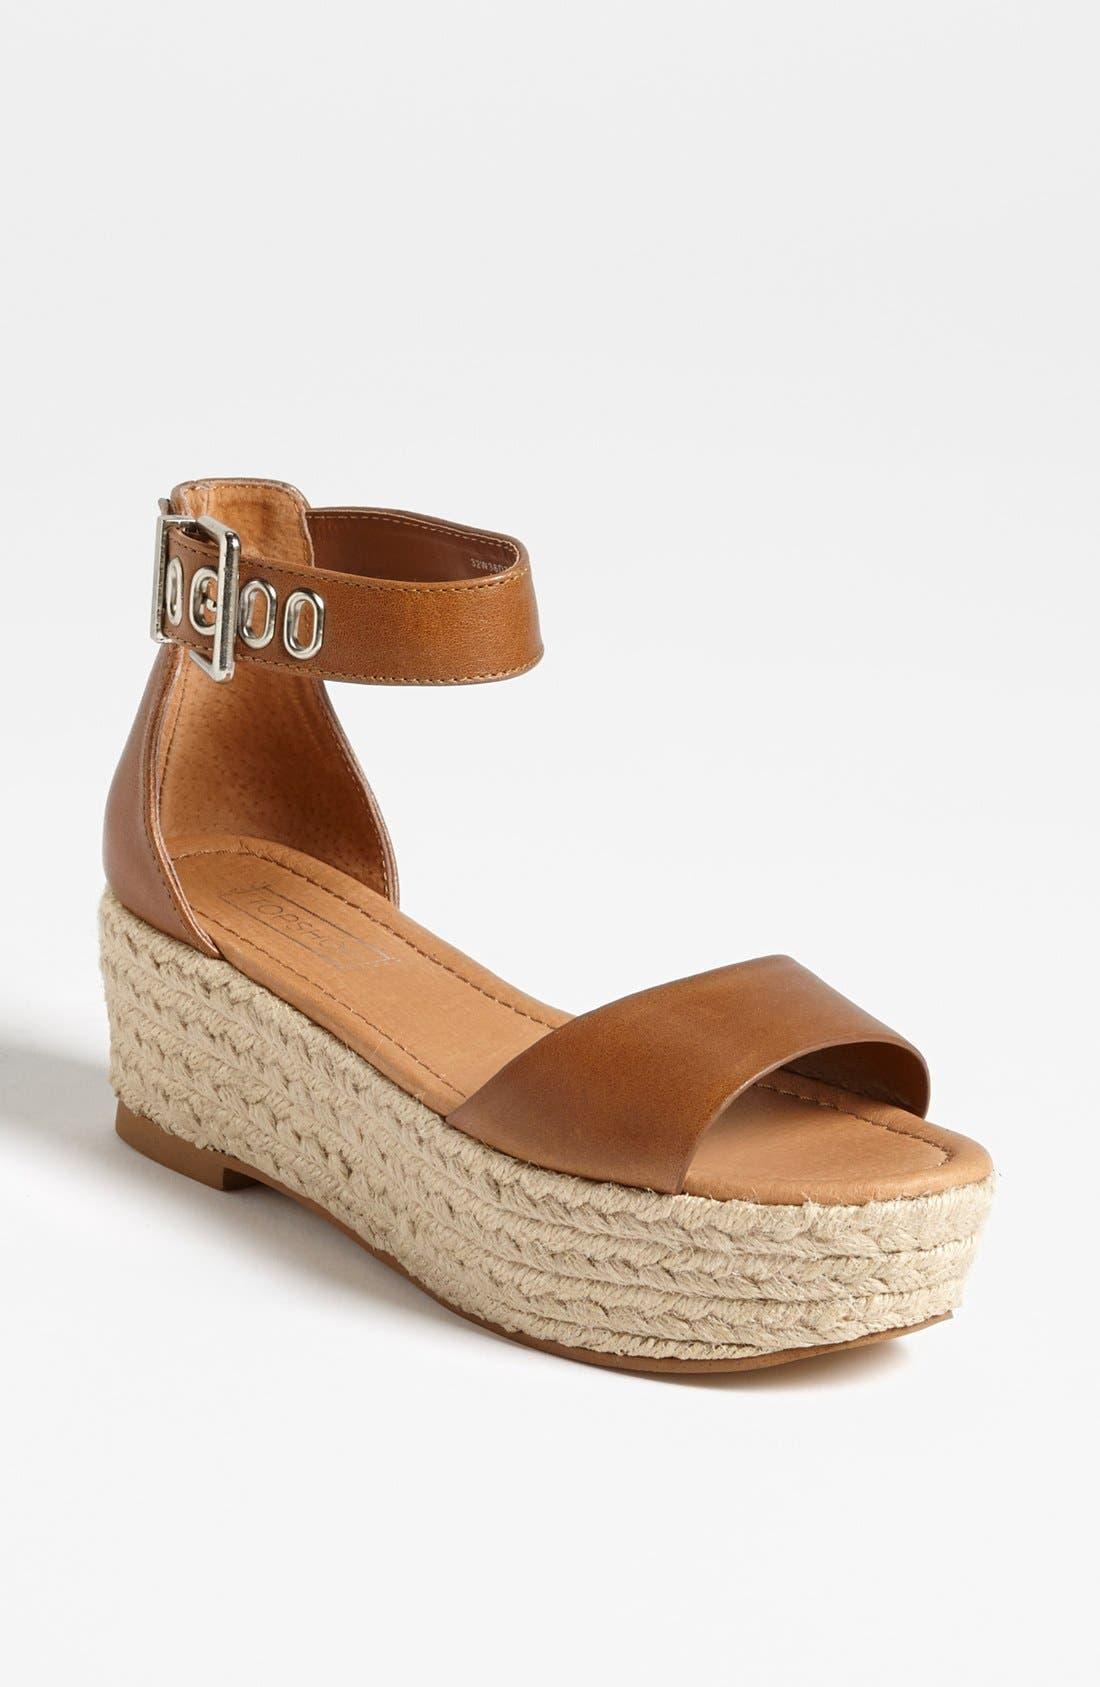 Alternate Image 1 Selected - Topshop 'Woohoo' Sandal